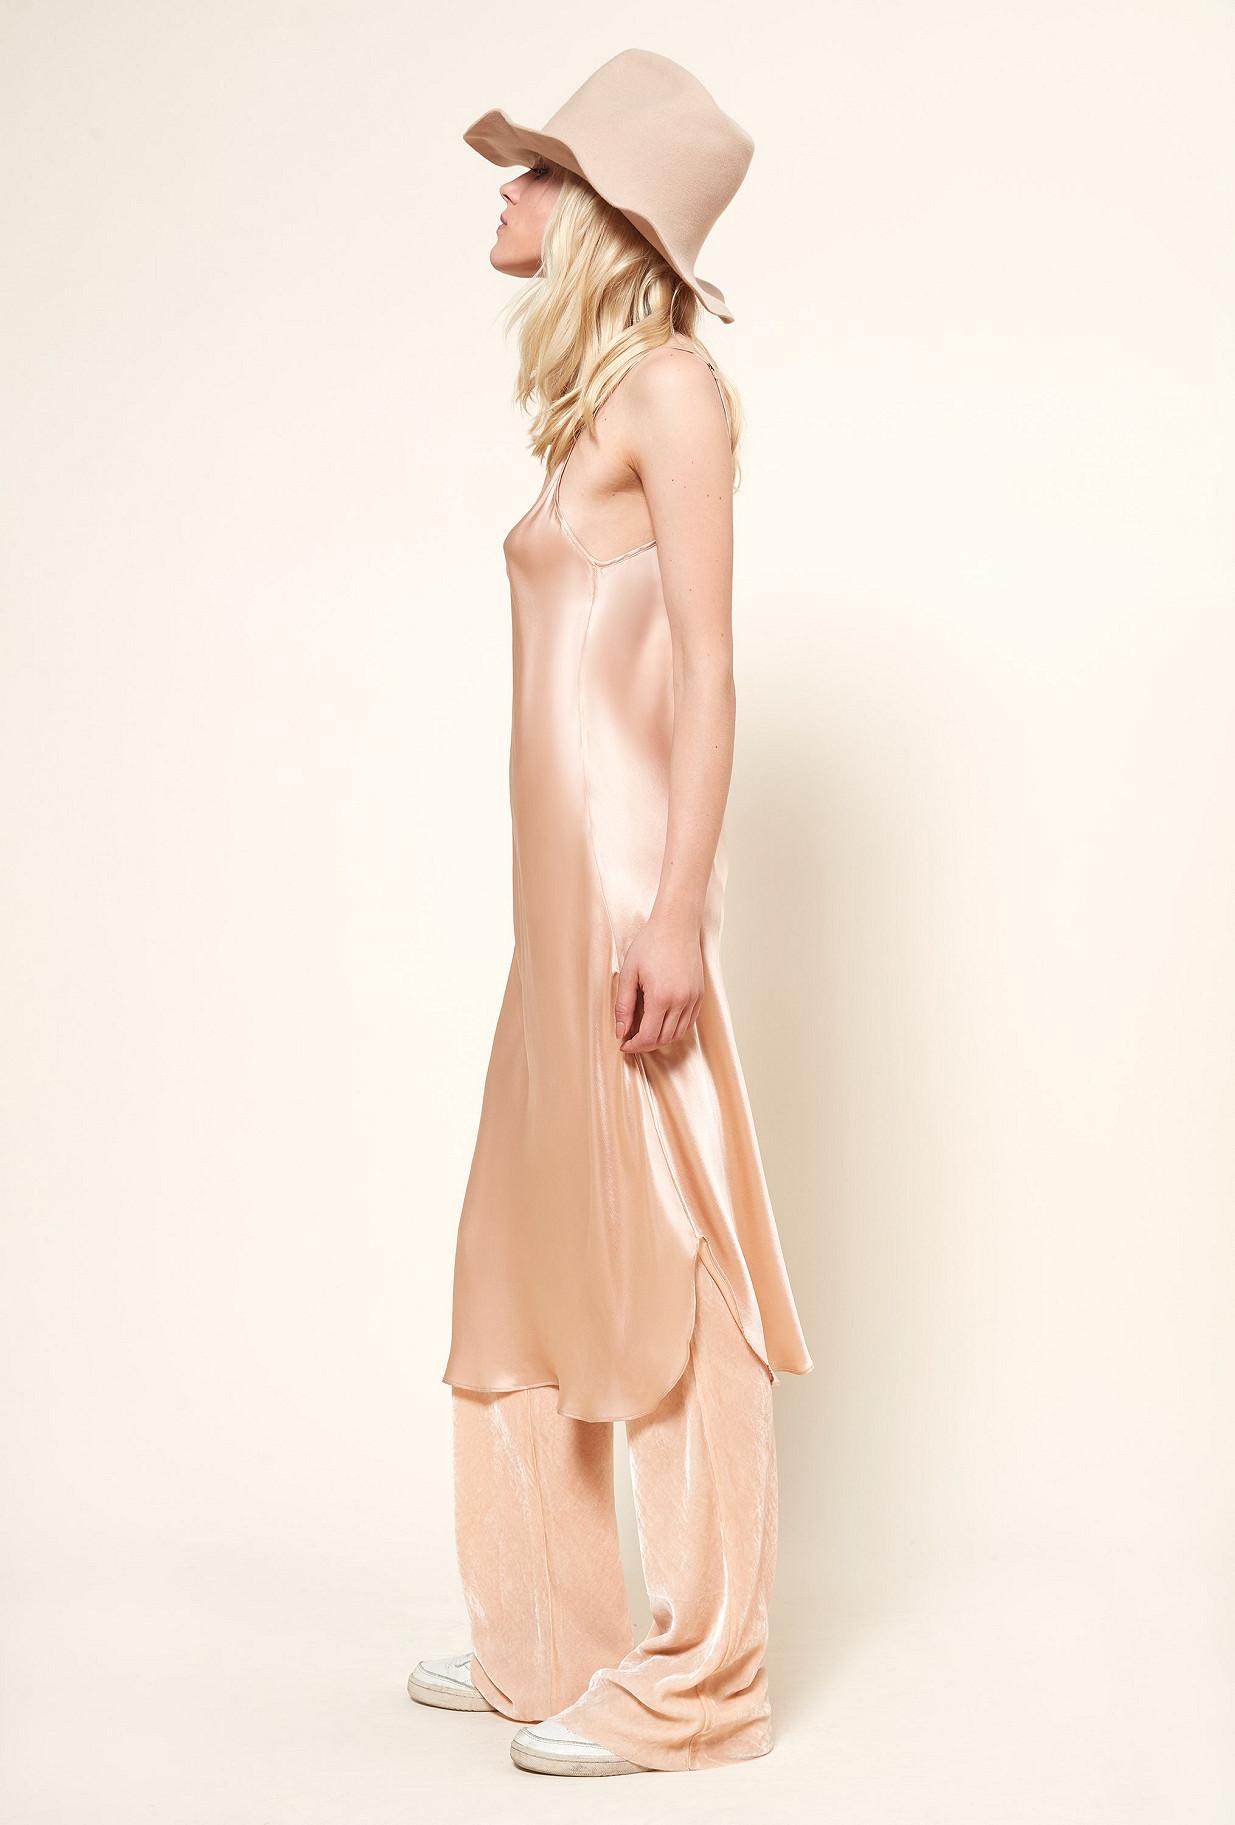 Powder  Dress  Festina Mes demoiselles fashion clothes designer Paris